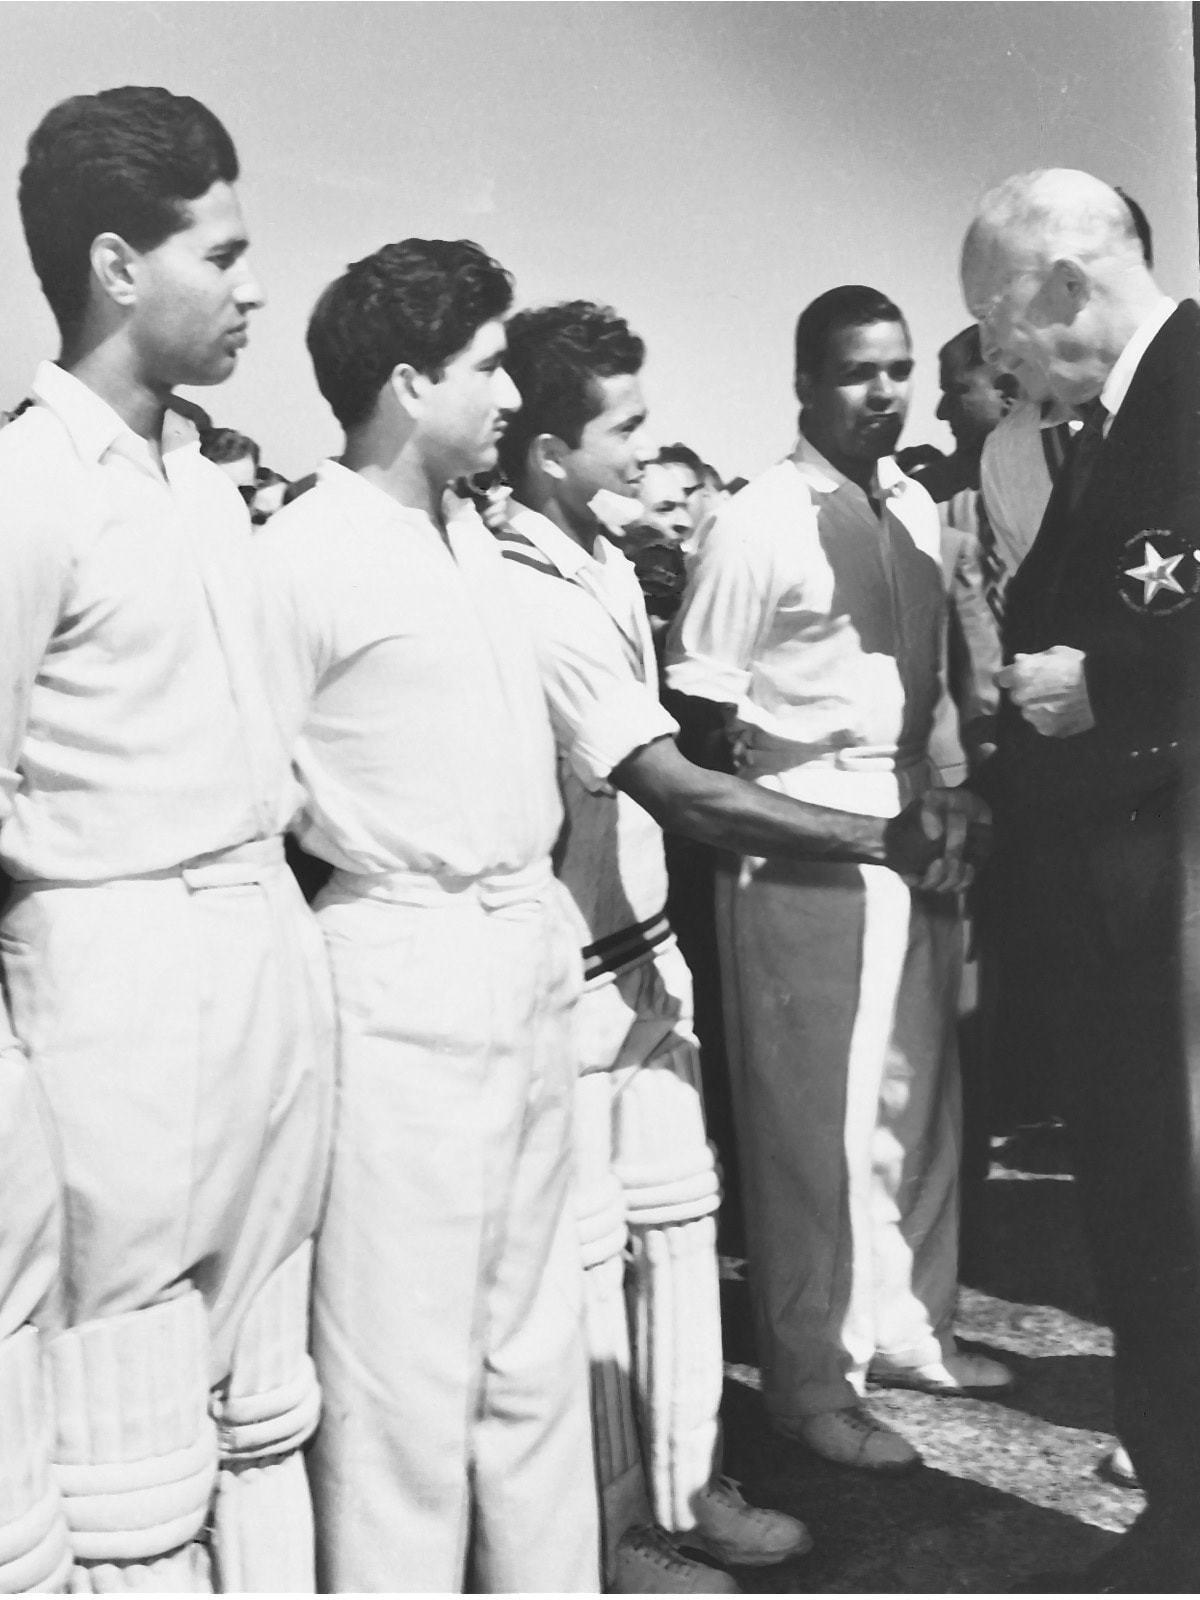 امریکی صدر ڈوائٹ ڈی آئزن ہاور 1959 میں کراچی میں حنیف محمد سے ہاتھ ملاتے ہوئے۔ — فوٹو وائٹ اسٹار۔